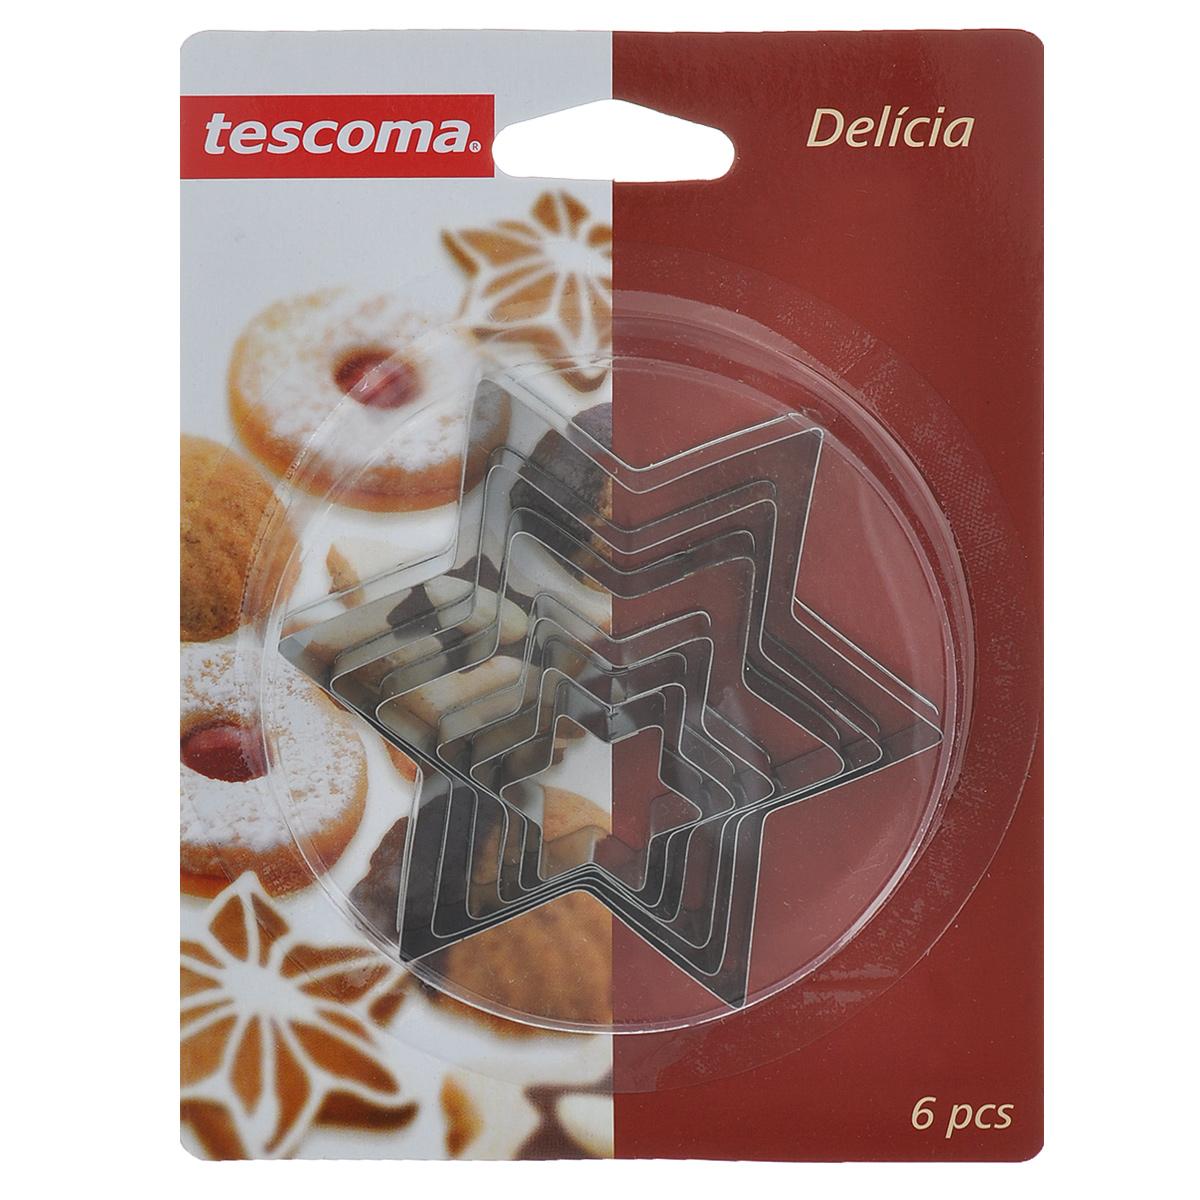 Формочки для печенья Tescoma Звезды, 6 шт631364Формочки для печенья Tescoma Звезды изготовлены из нержавеющей стали. В комплекте 6 формочек в виде звезд разного размера. Если вы любите побаловать своих домашних вкусным и ароматным печеньем по вашему оригинальному рецепту, то набор формочек для печенья Звезды как раз то, что вам нужно! Такие формочки идеально подойдут для вырезания теста при выпечке печенья. Не подходят для мытья в посудомоечной машине.